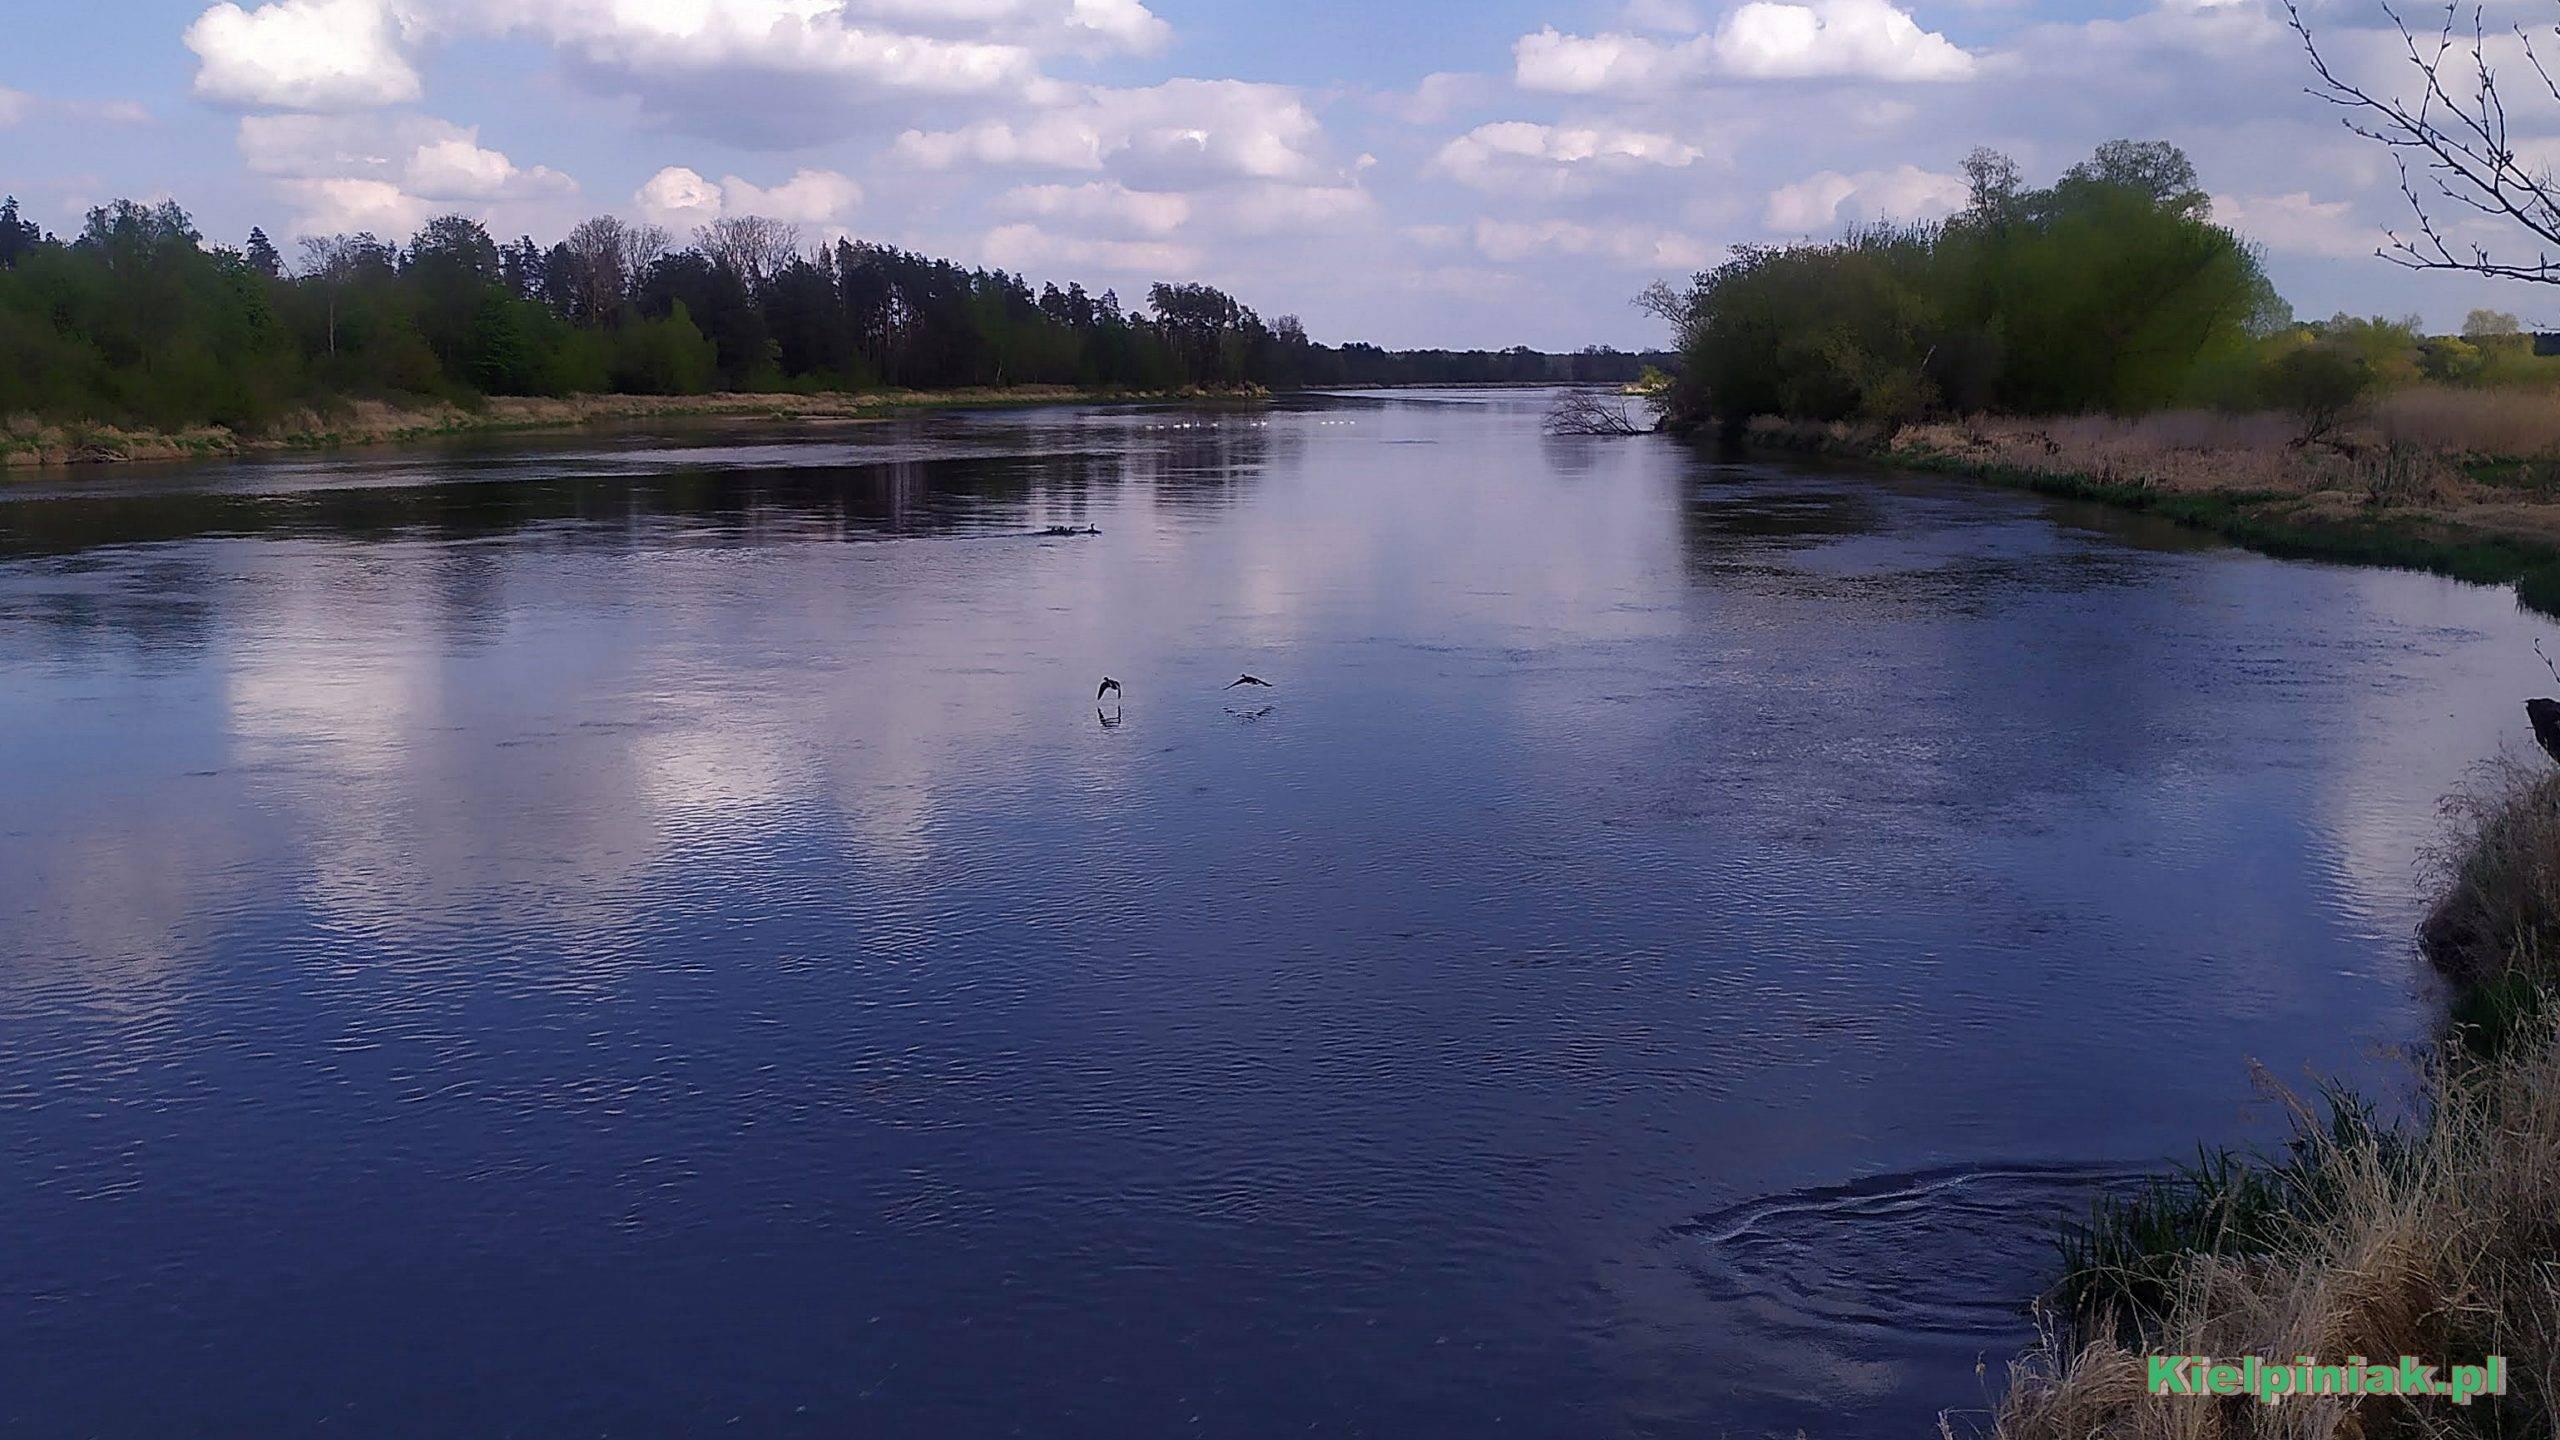 rzeka Bug w okolicy Młynarzy, wystraszyłem 2 dzikie kaczki, w odali po lewej stronie odpłyneły też łabędzie...